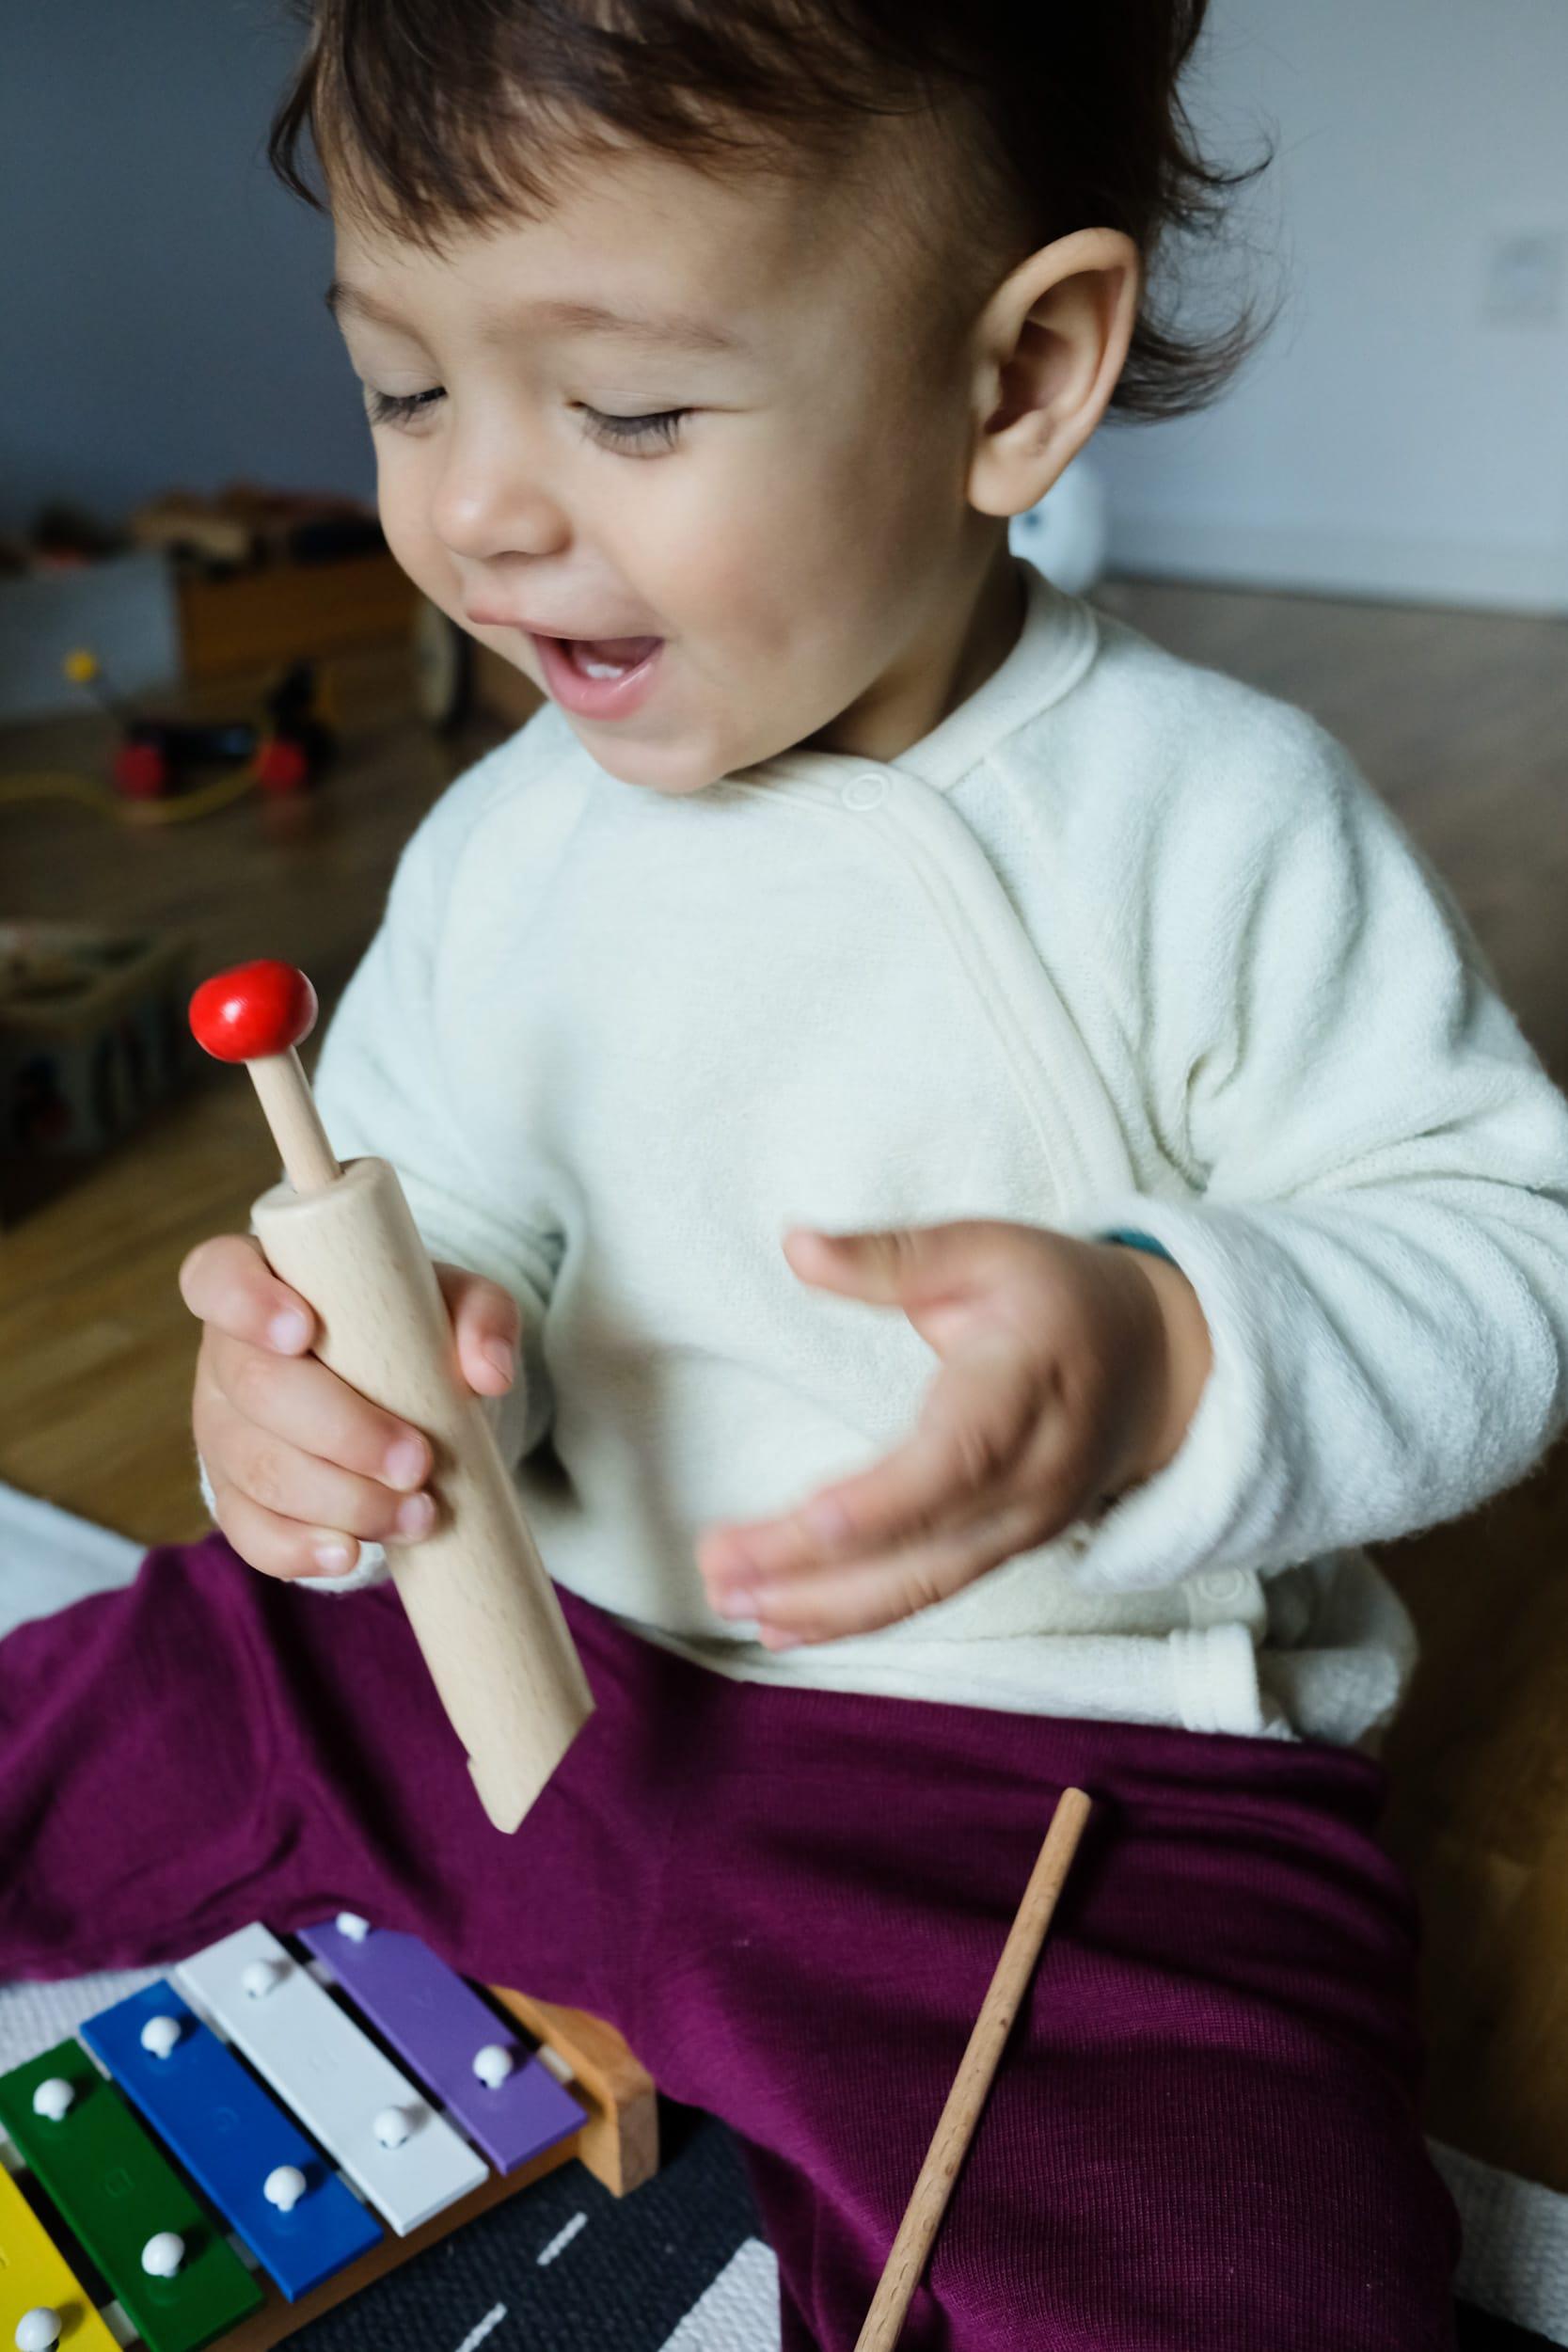 Musikinstrumente für Kleinkinder | Zuhause musizieren mit Kleinkindern und Babys | Holzflöte | ivy.li